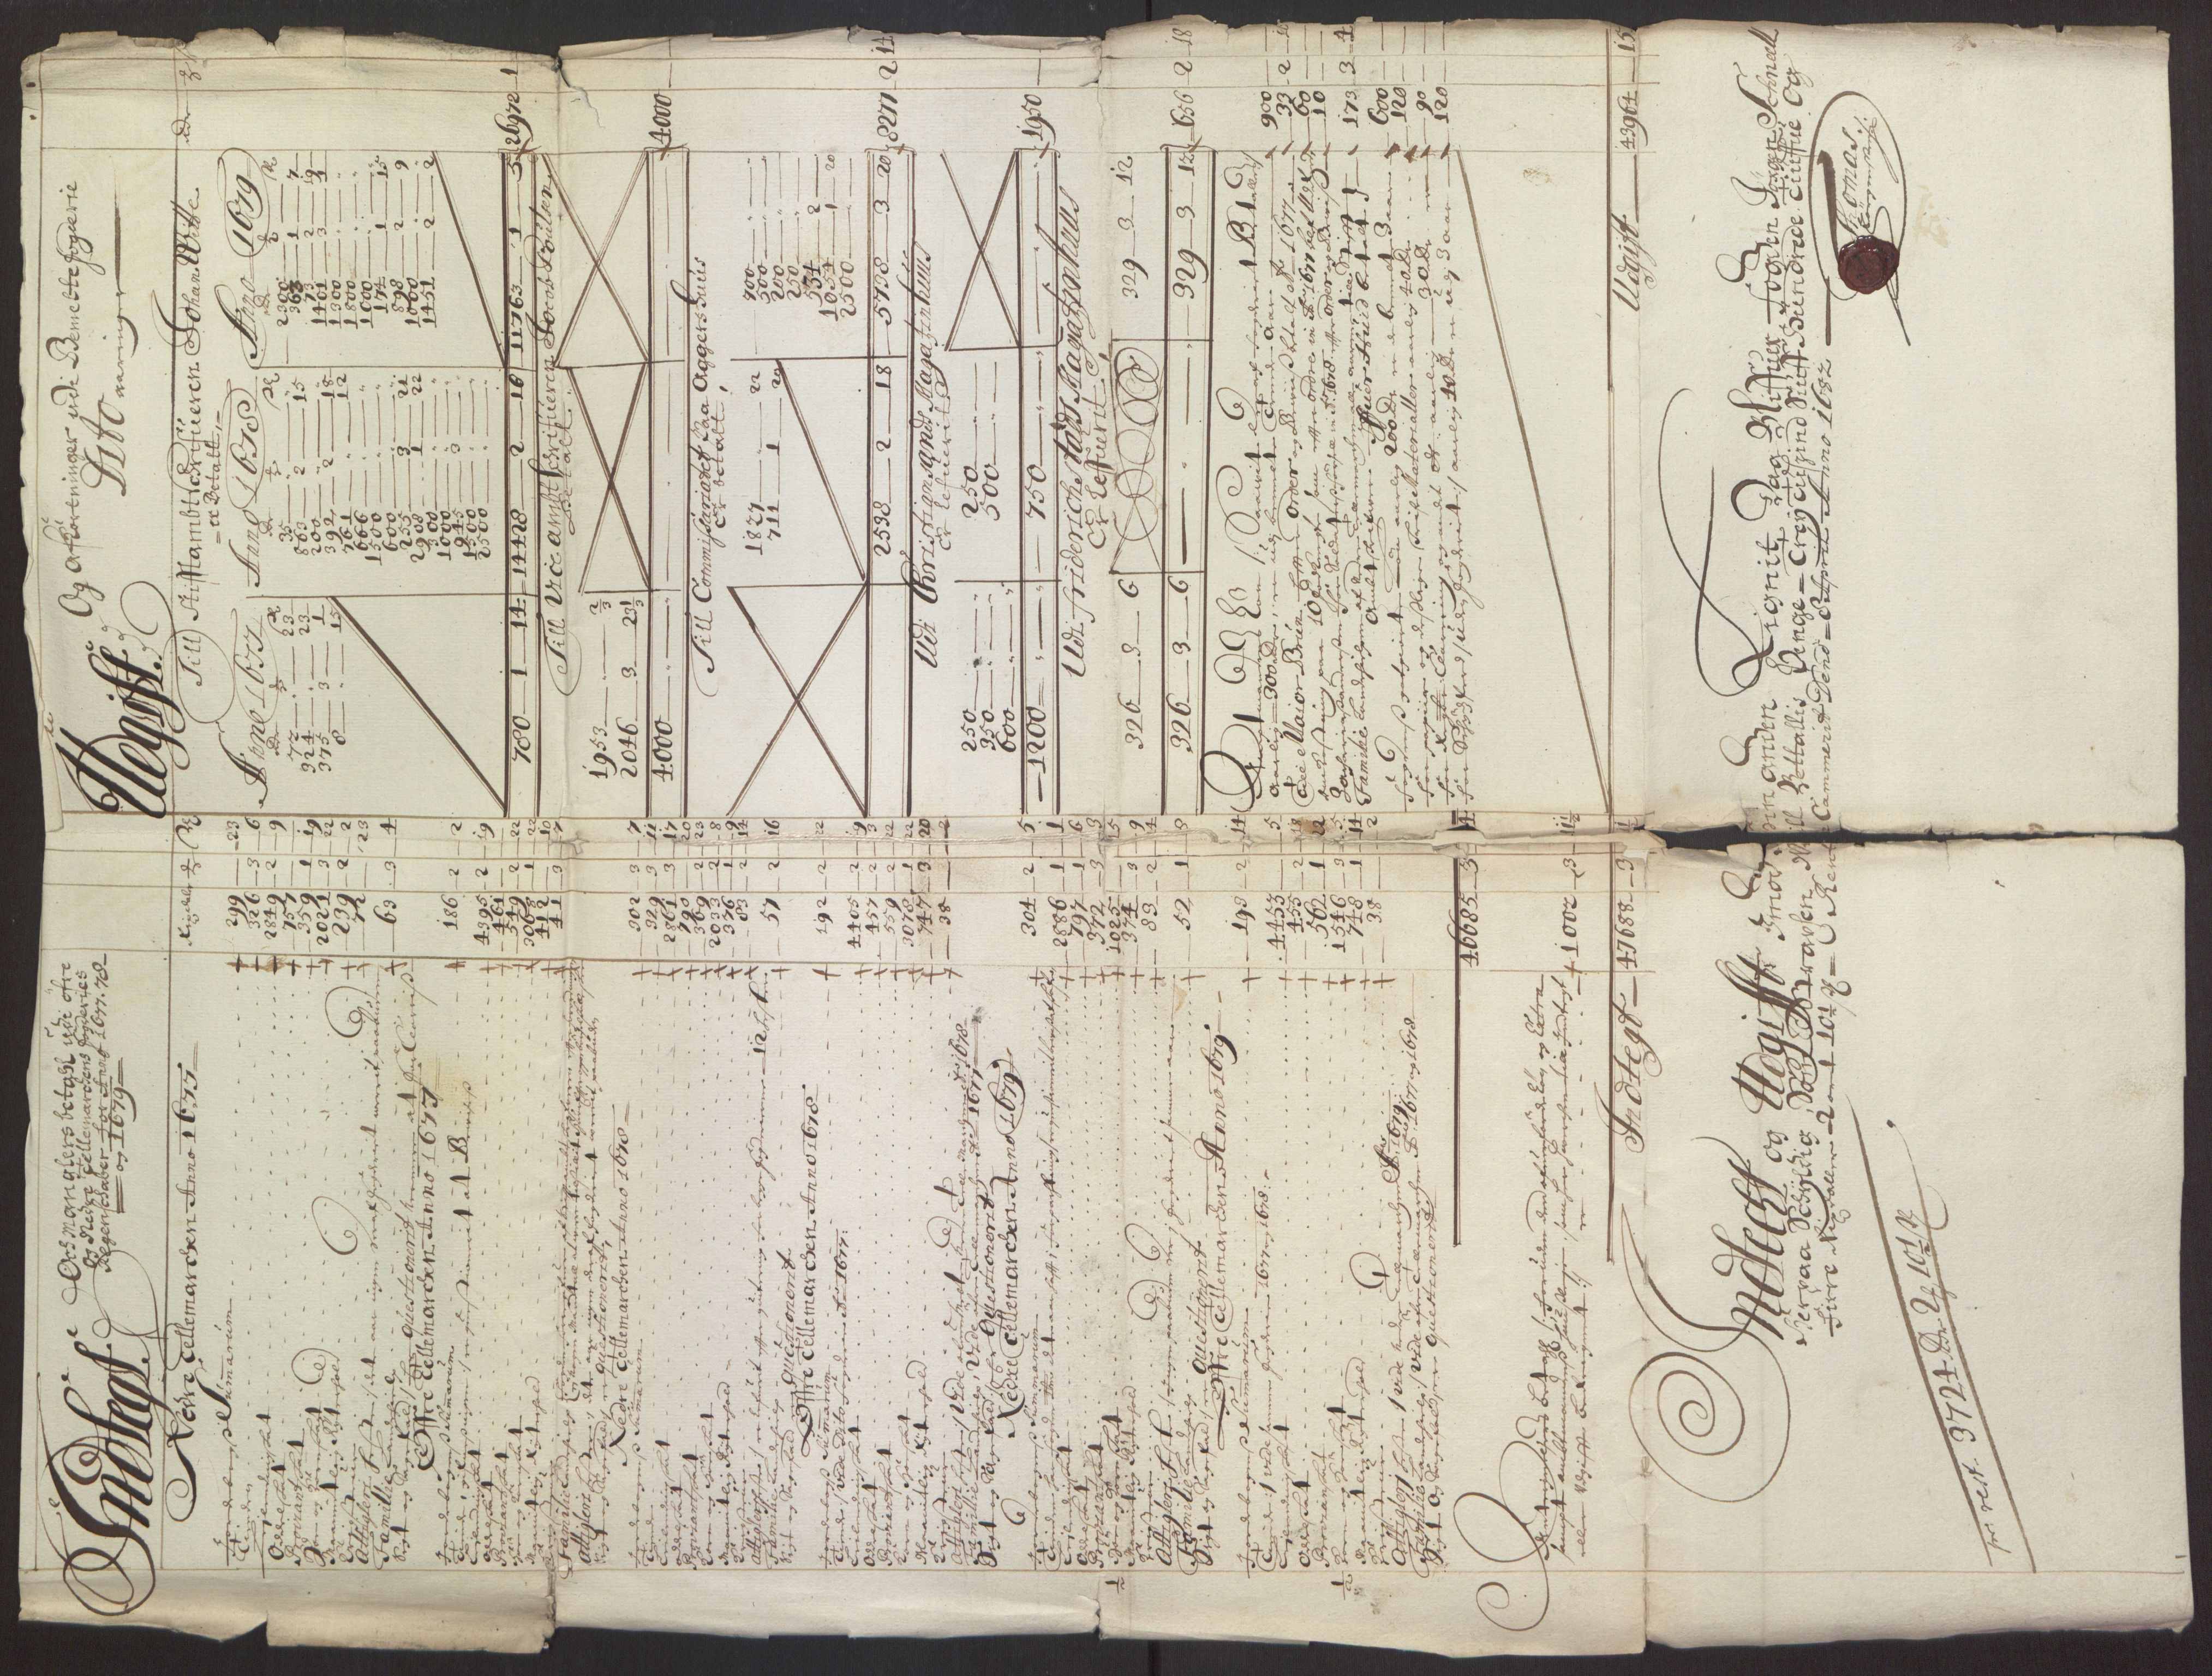 RA, Rentekammeret inntil 1814, Reviderte regnskaper, Fogderegnskap, R35/L2075: Fogderegnskap Øvre og Nedre Telemark, 1680-1684, s. 33